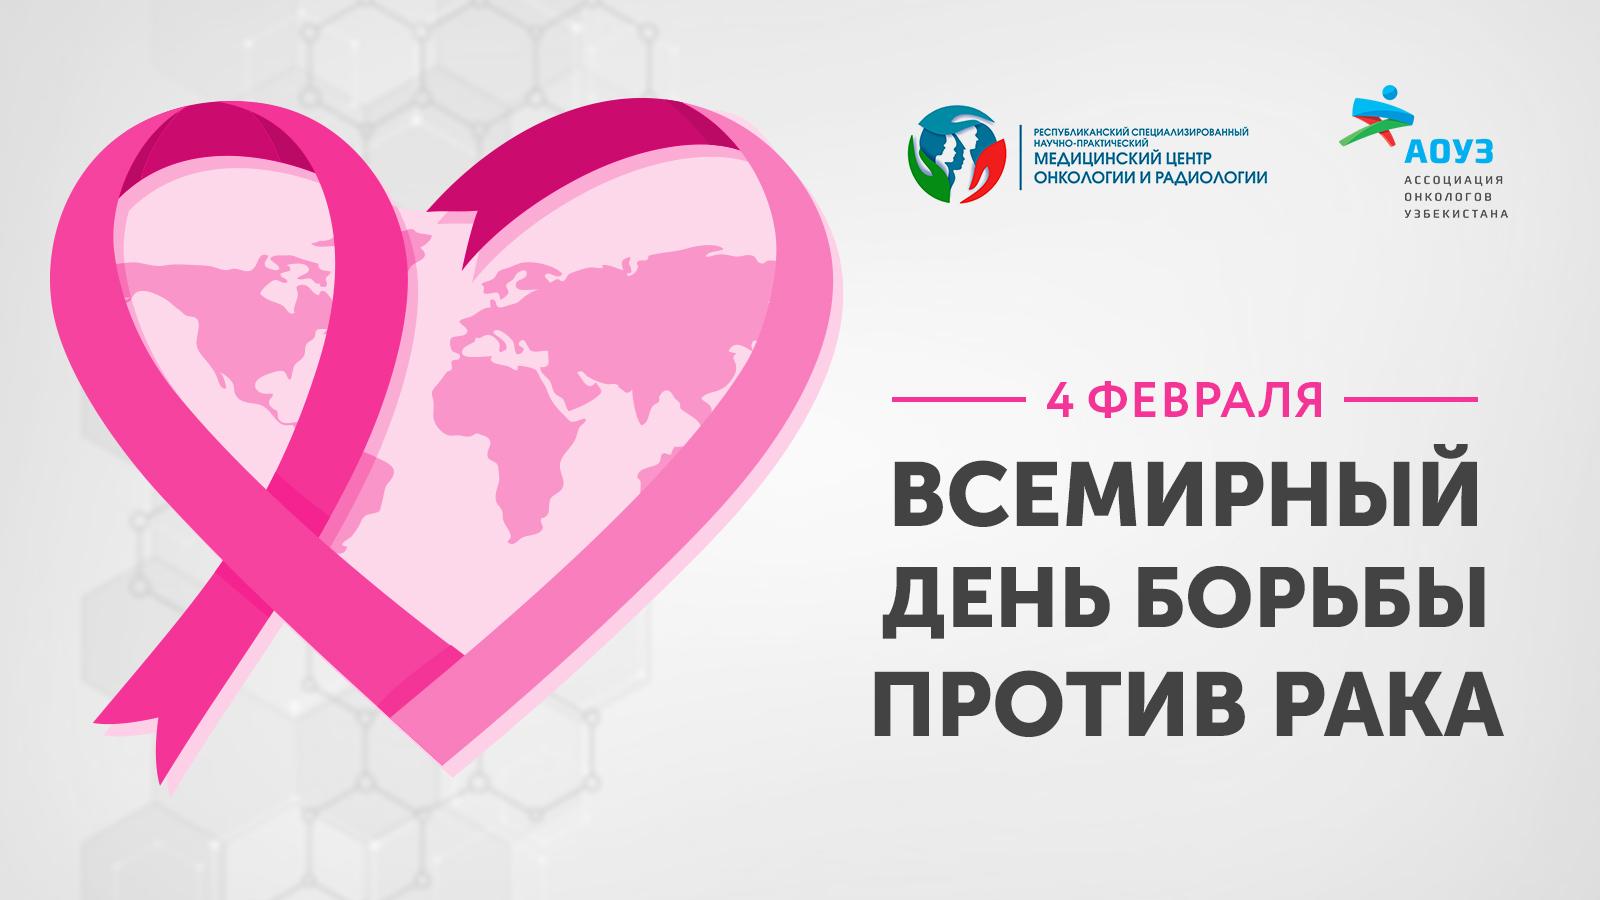 4 февраля — Всемирный день борьбы против рака.